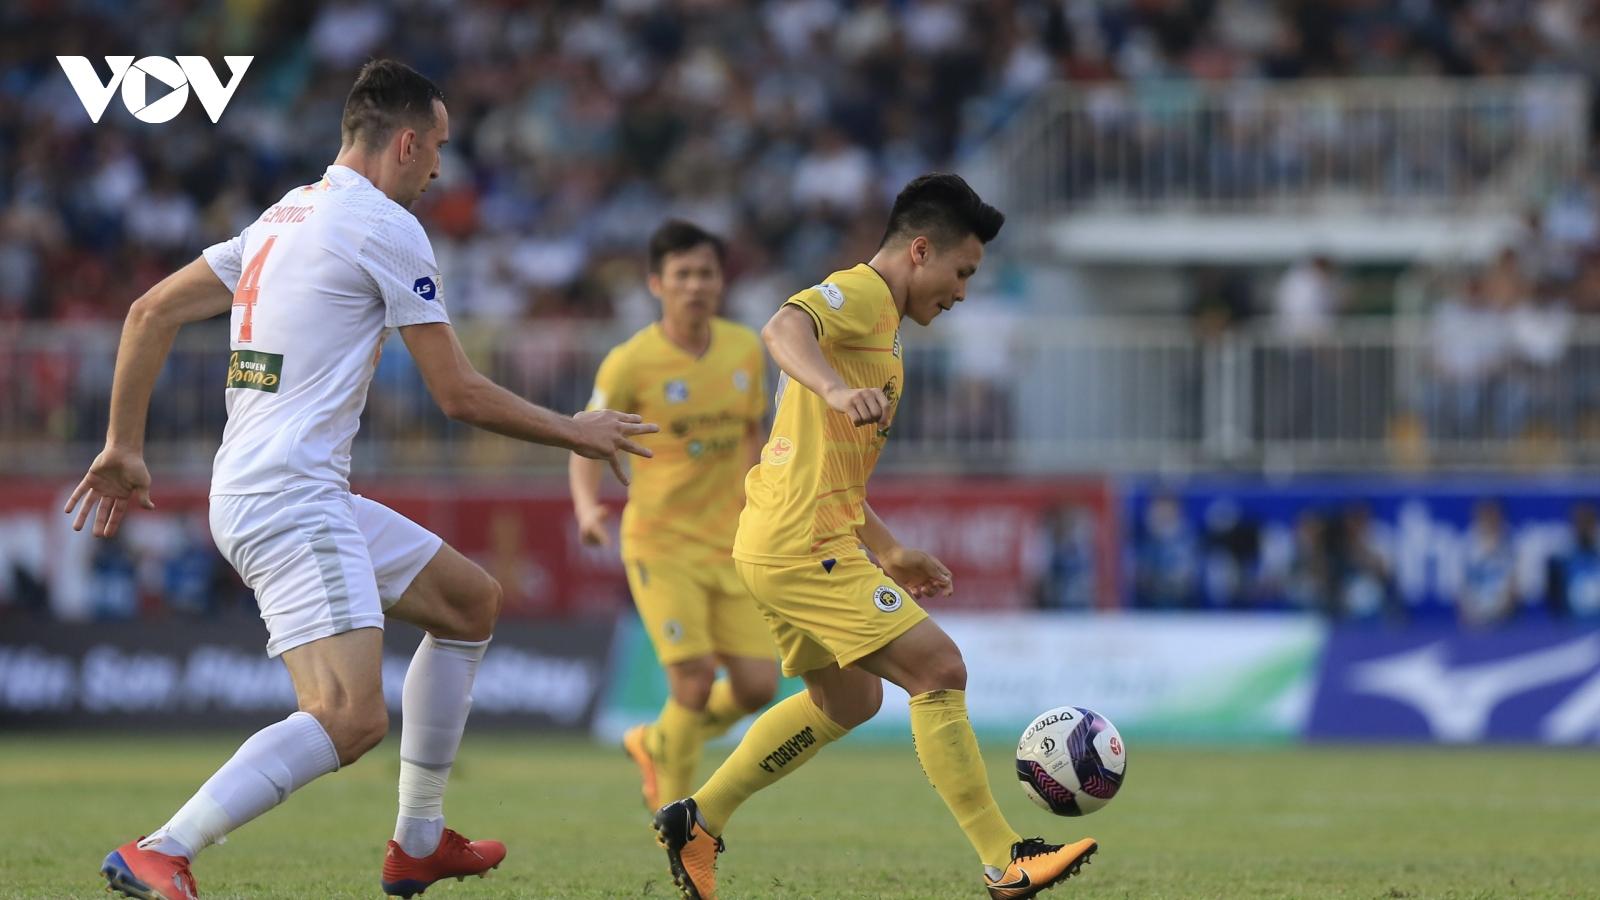 TRỰC TIẾP HAGL 1-0 Hà Nội FC: Quang Hải dứt điểm ngẫu hứng